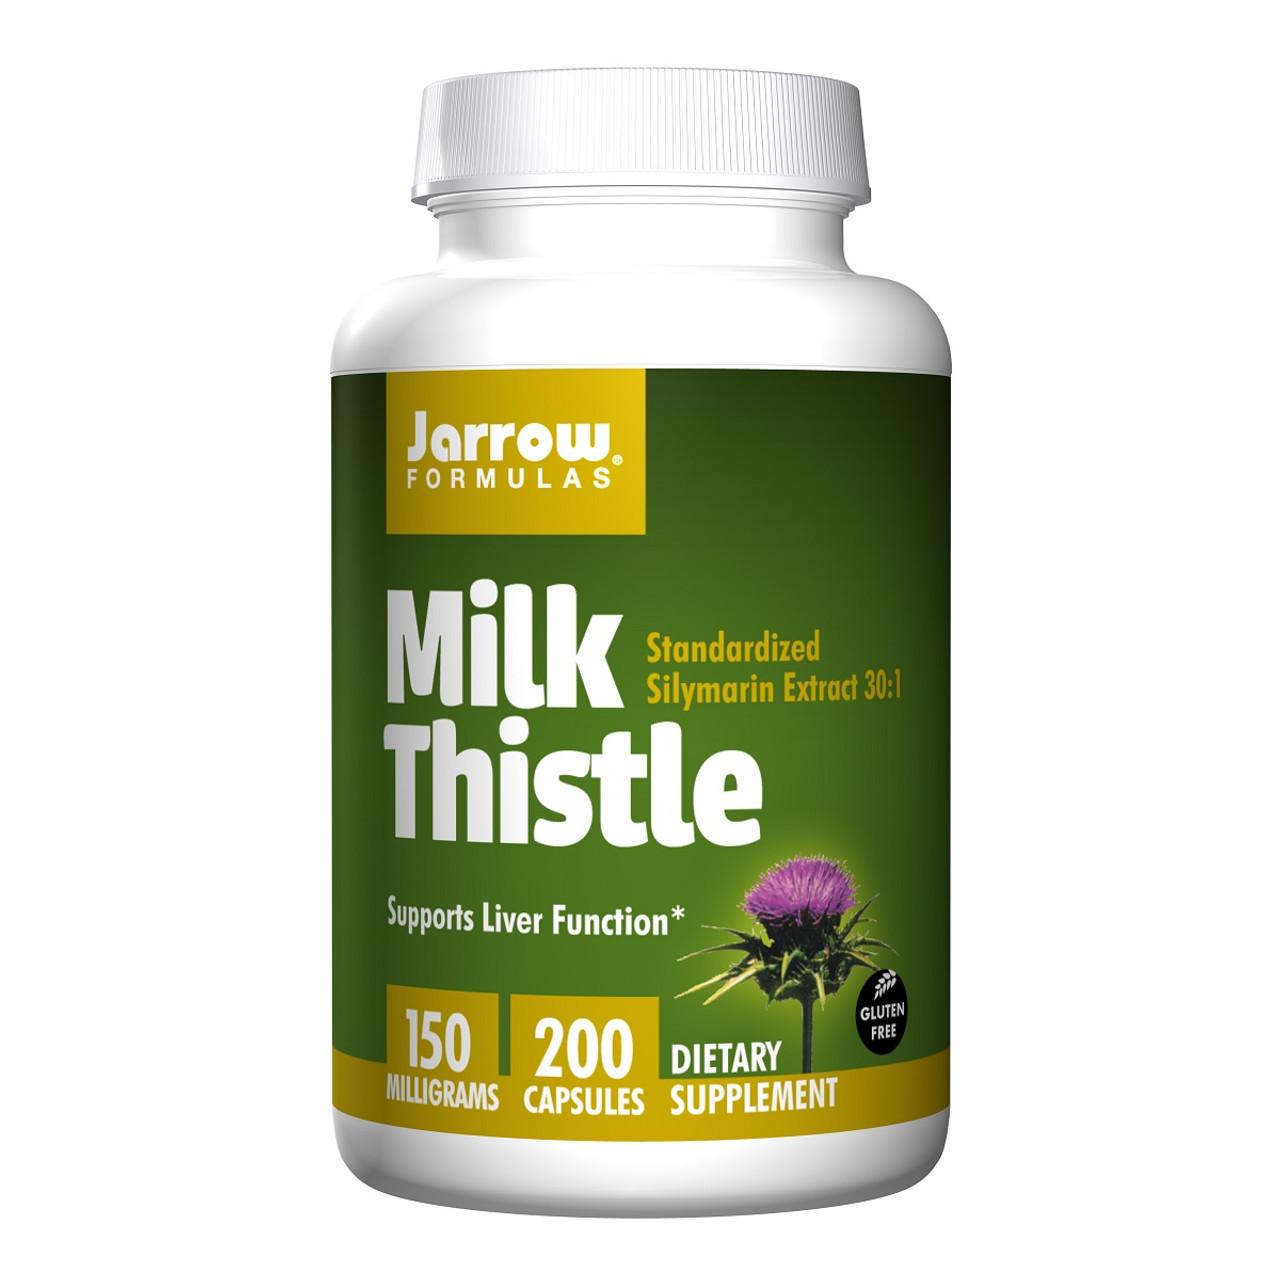 Jarrow Formulas Milk Thistle - 苔薊草 | LOTUSmart (HK) - 香港樂濤